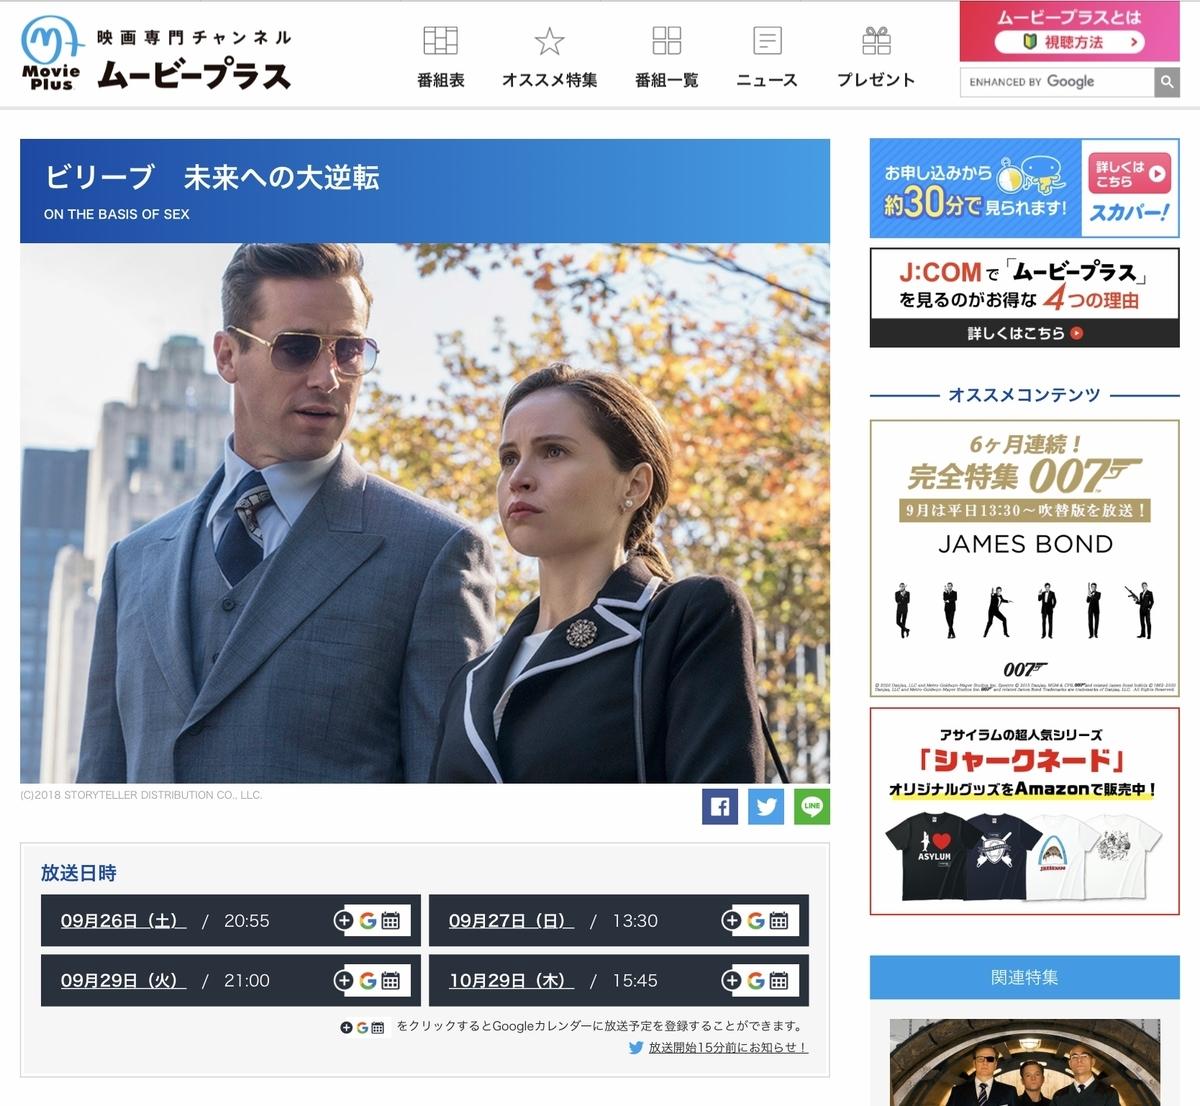 f:id:yujiro-1:20200928054606j:plain